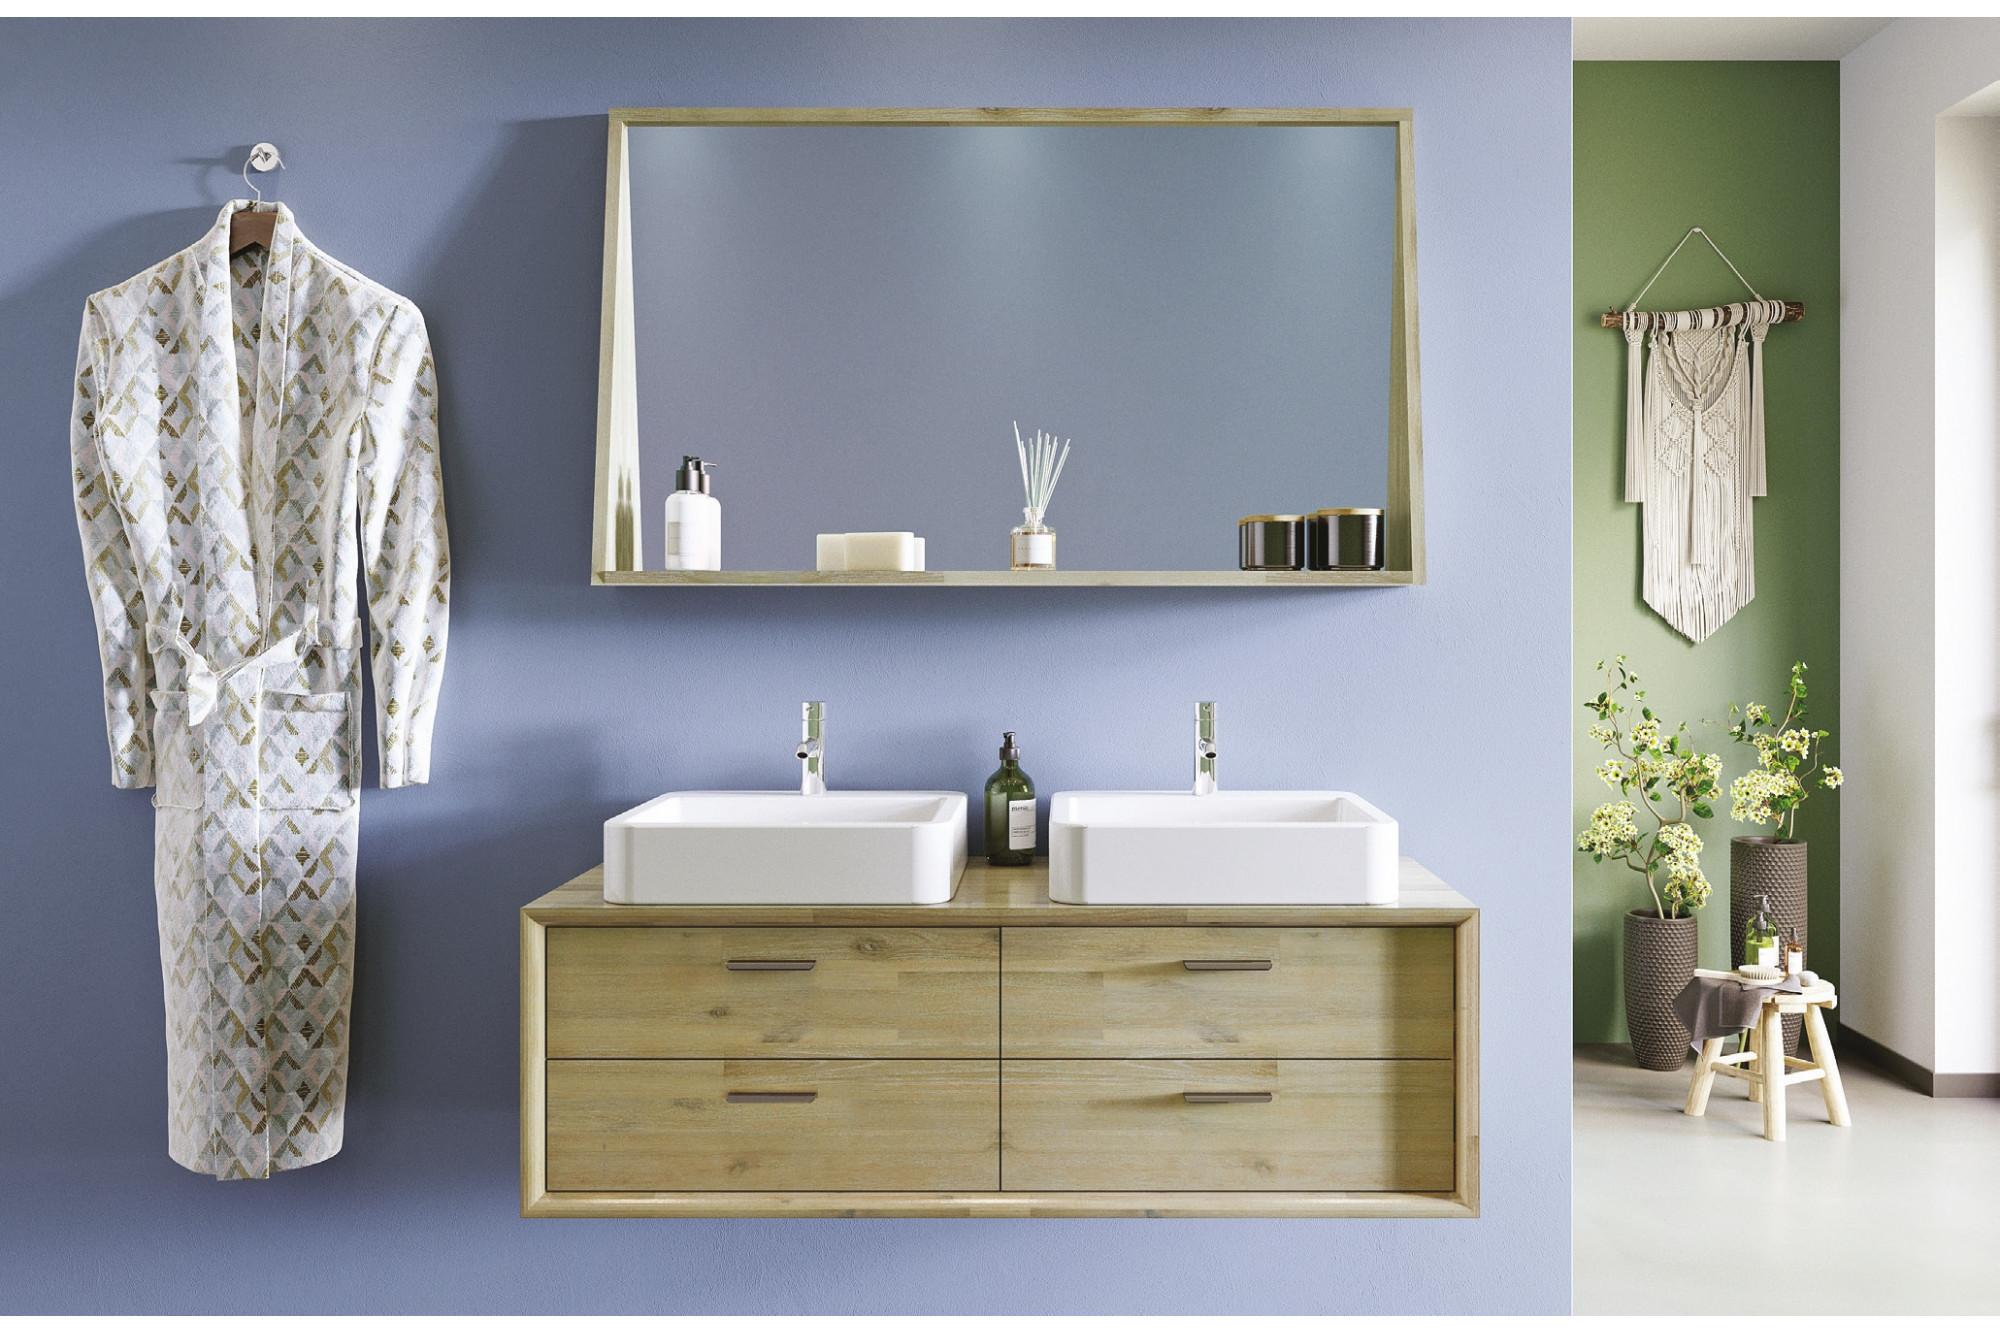 Meuble de salle de bain en bois massif 15 cm avec vasques et miroir -  Hellin